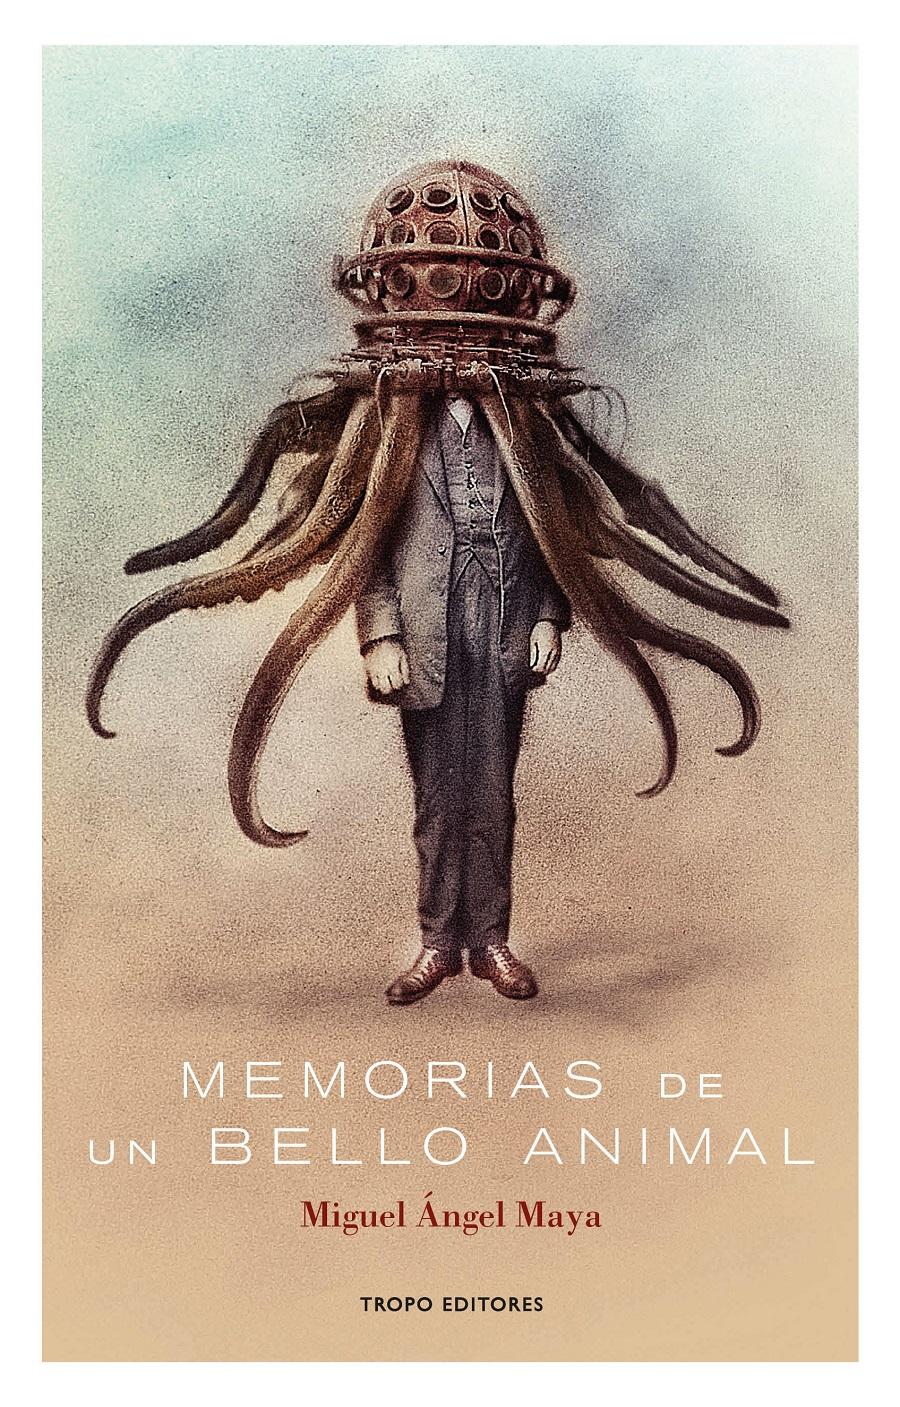 Memorias de un bello animal_Miguel Ángel Maya